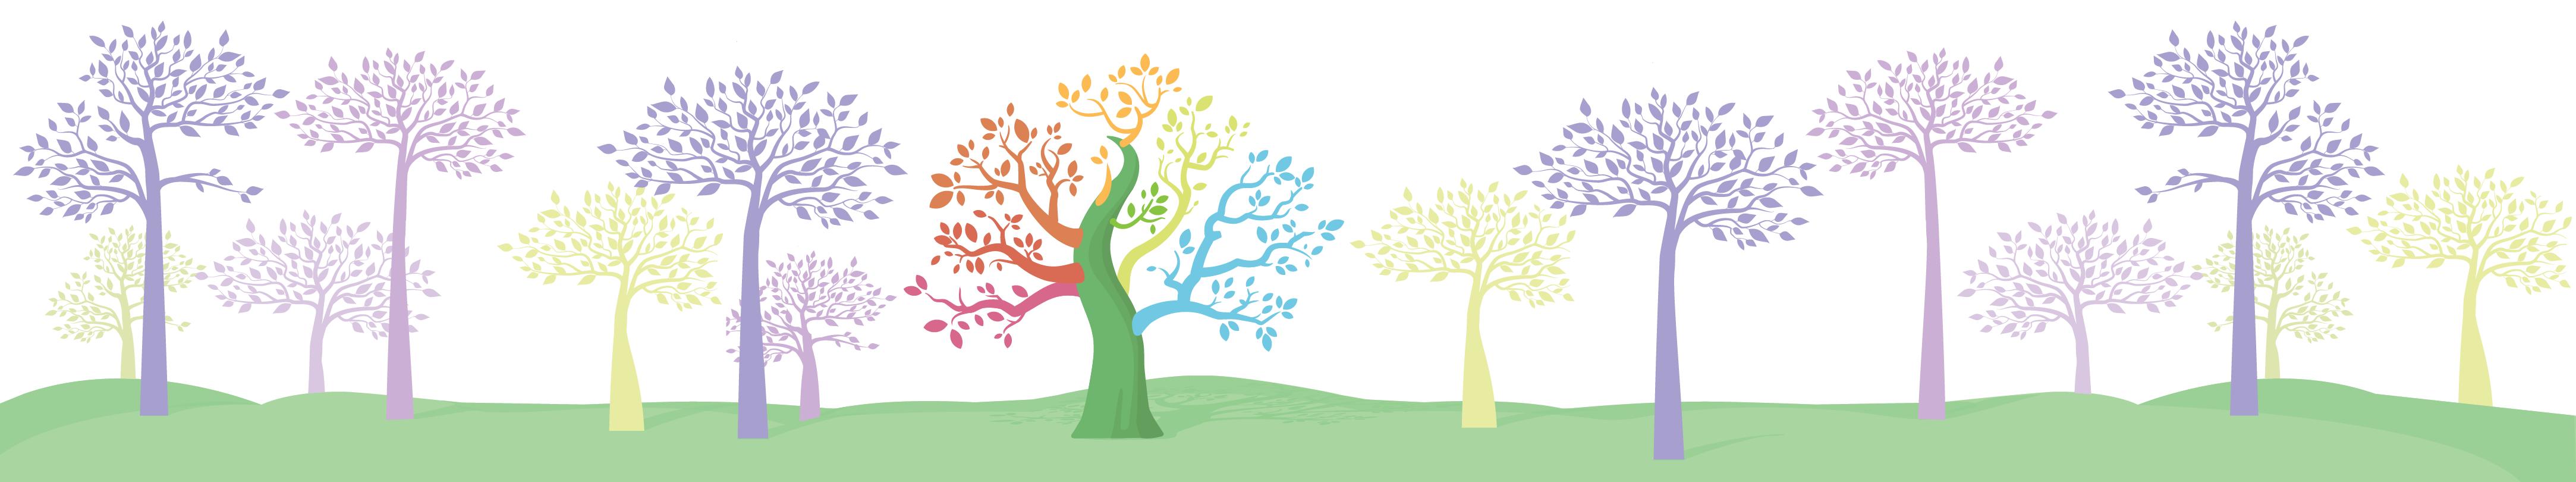 ảnh minh họa cây, một cây có các chi nhiều màu